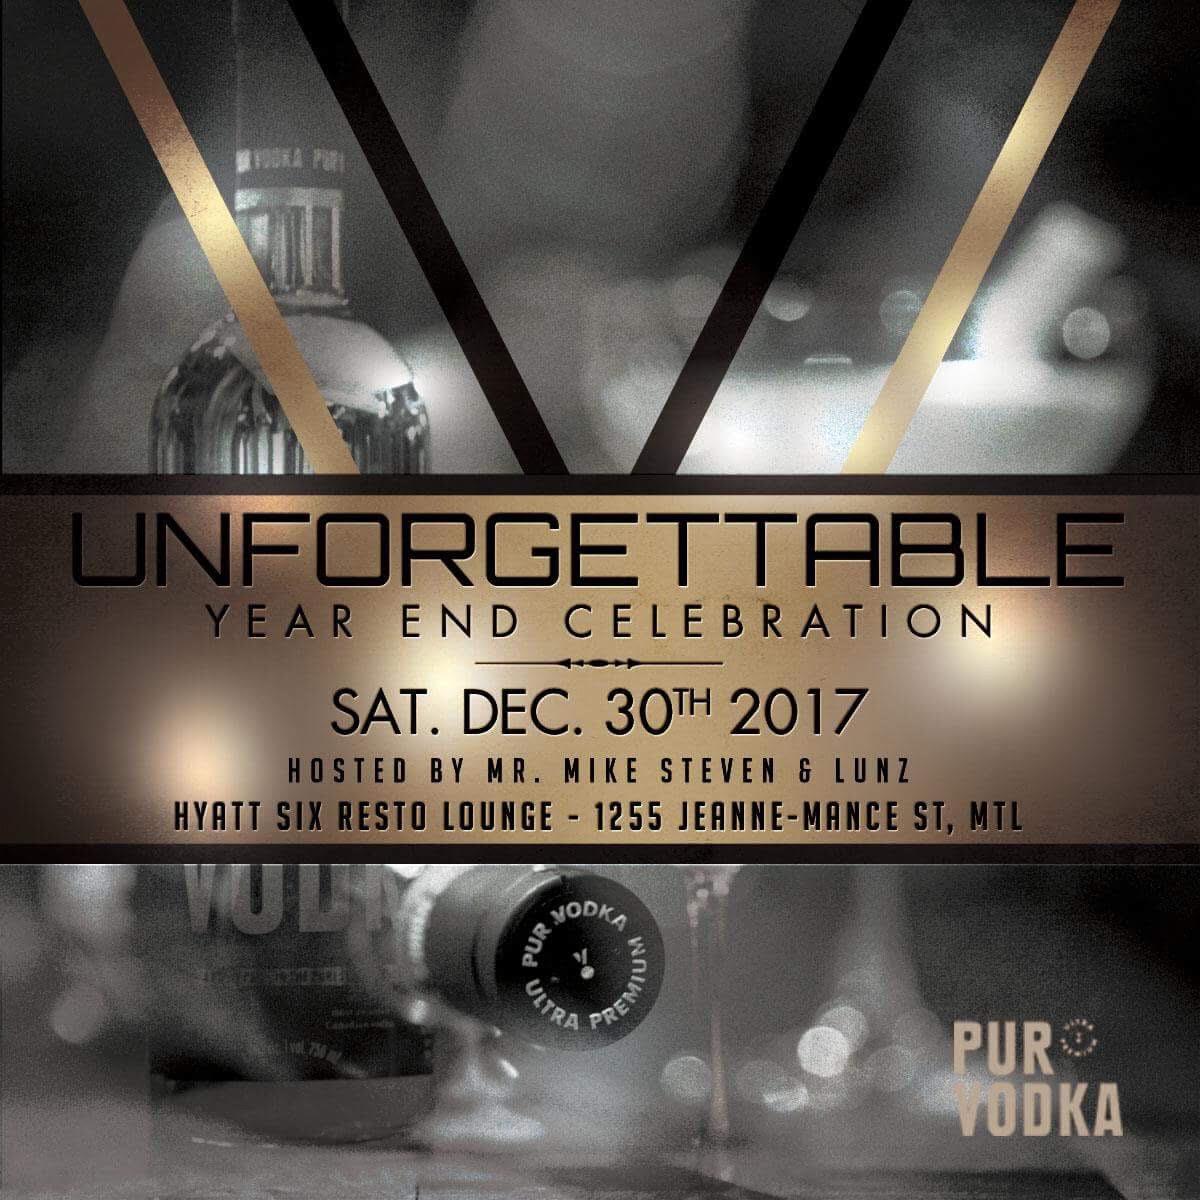 Unforgettable at Hyatt Six Resto Lounge Pur Vodka